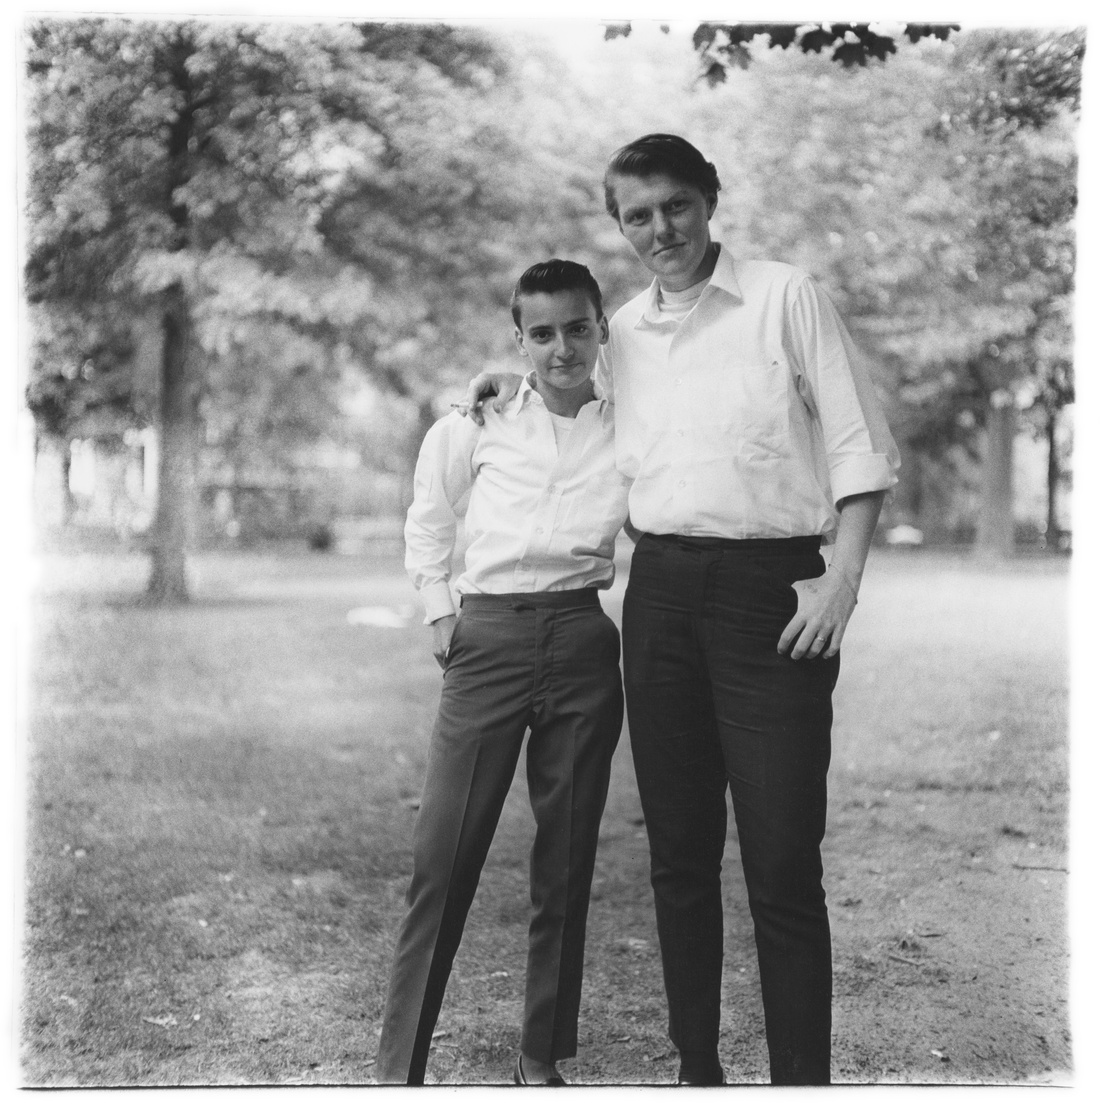 Diane Arbus, Two friends in the park, N.Y.C., 1965© The Estate of Diane Arbus